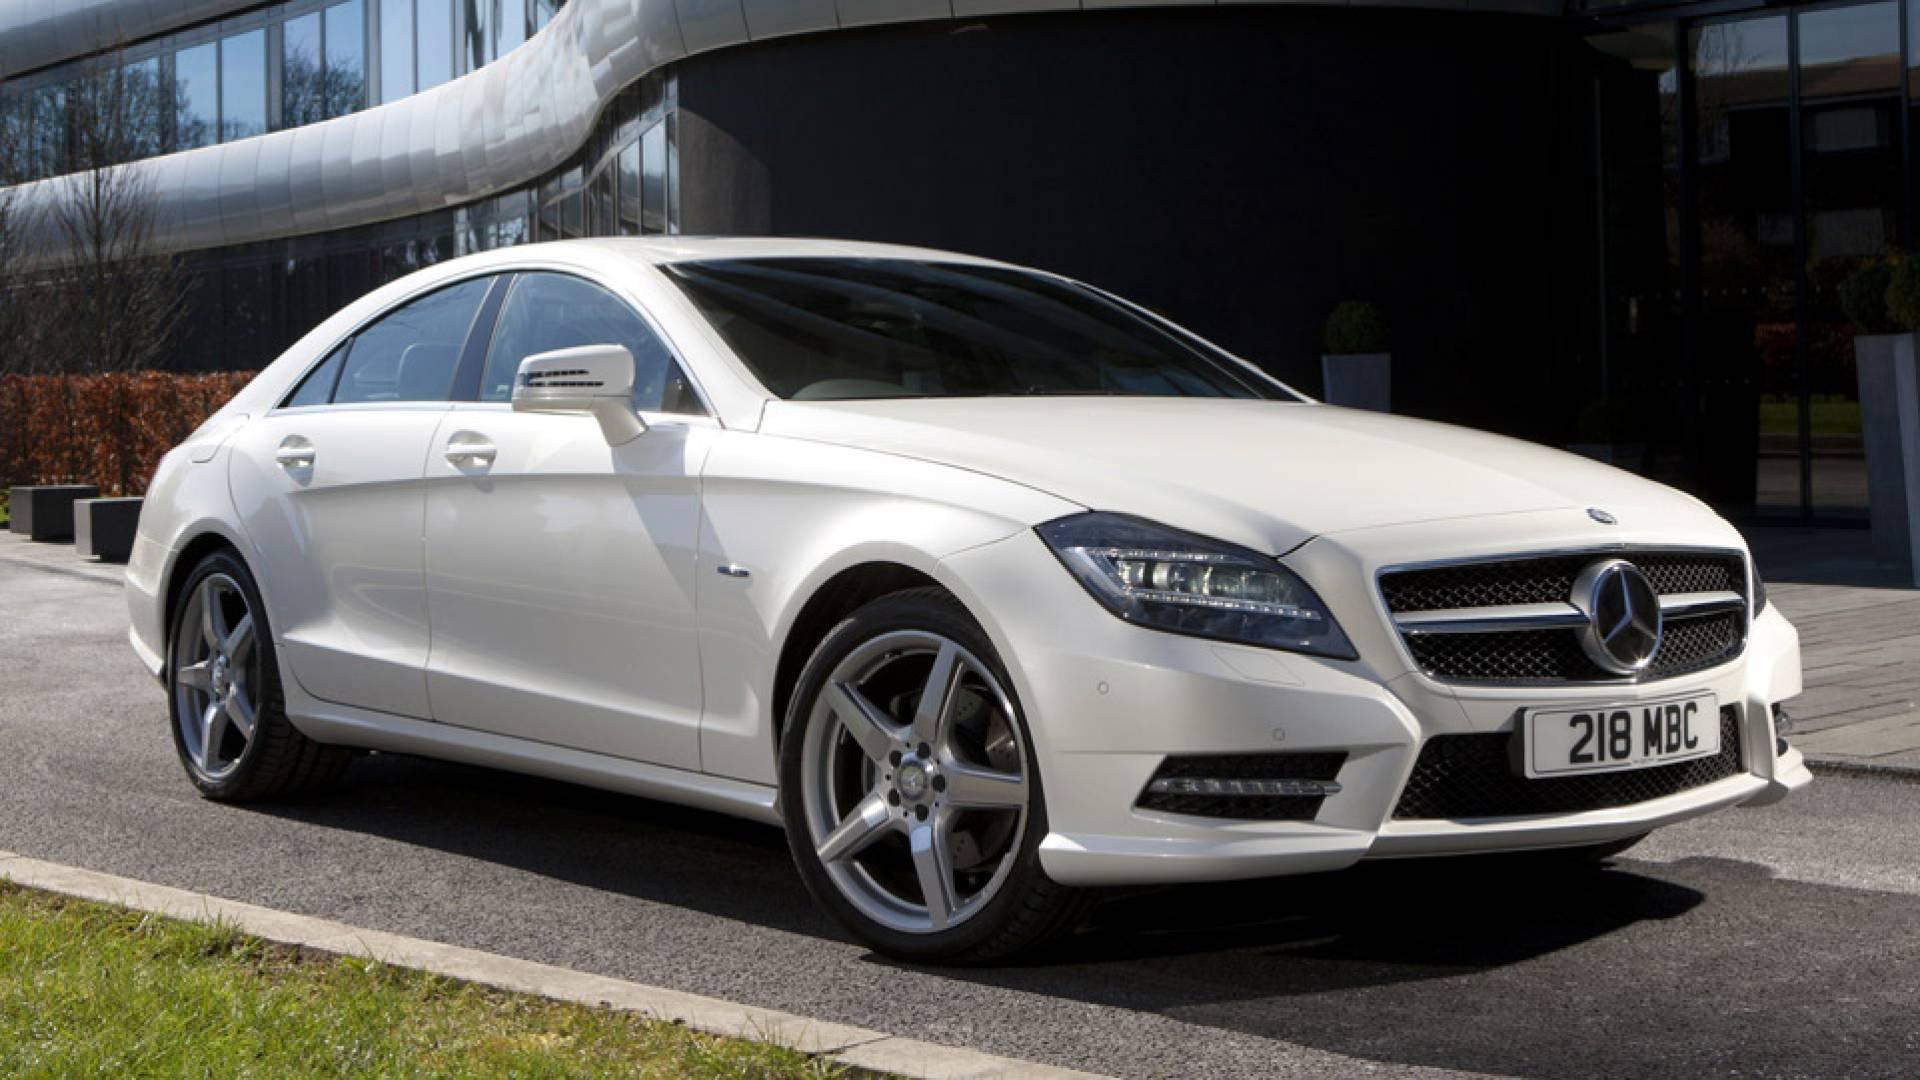 Mercedes Cls Y Cls 63 Amg Precios Prueba Ficha T 233 Cnica